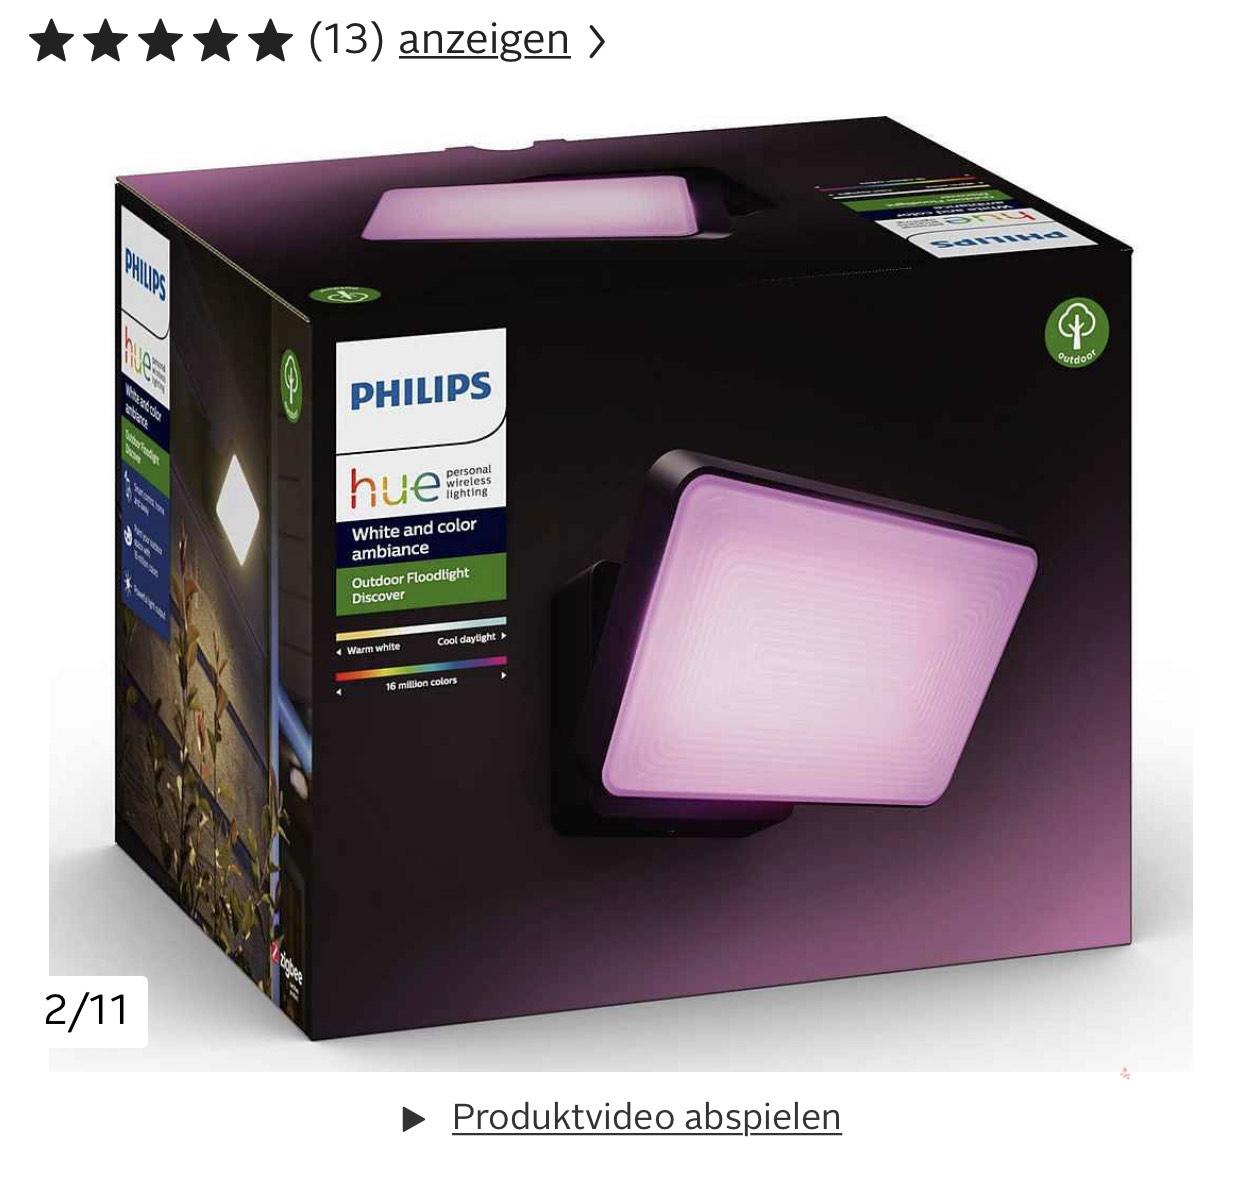 Philips Hue Discover Fluter LED Outdoor Wandleuchte IP44 ZigBee - Neukunden